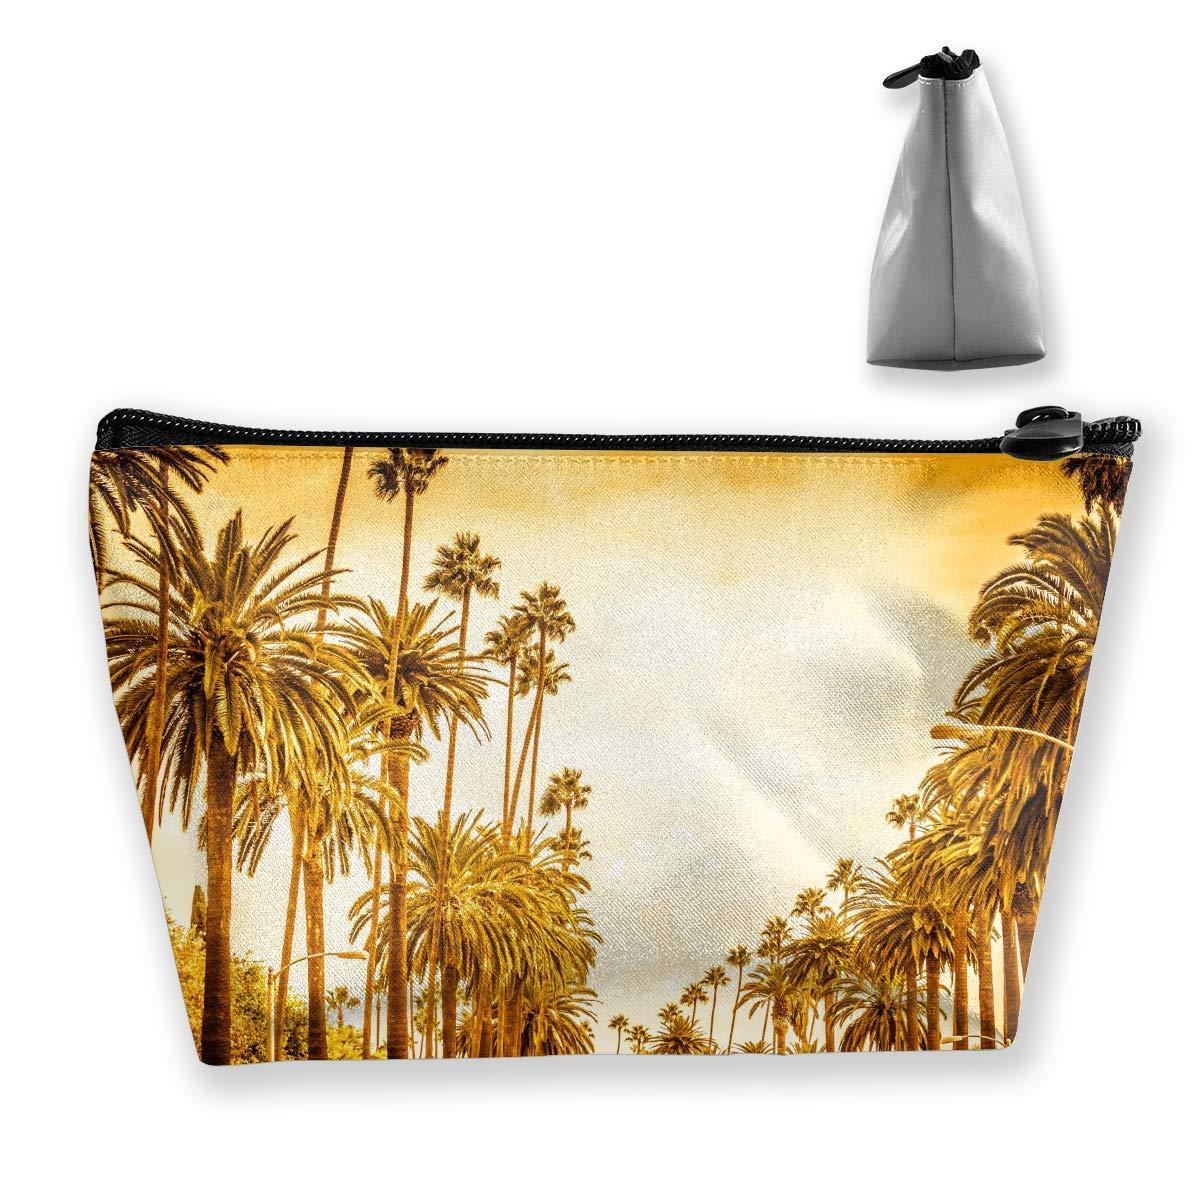 Palmera en Estilo Retro Los Angeles Street Bolsas de cosméticos Bolsas de cosméticos Estuche de lápices Bolso multifunción